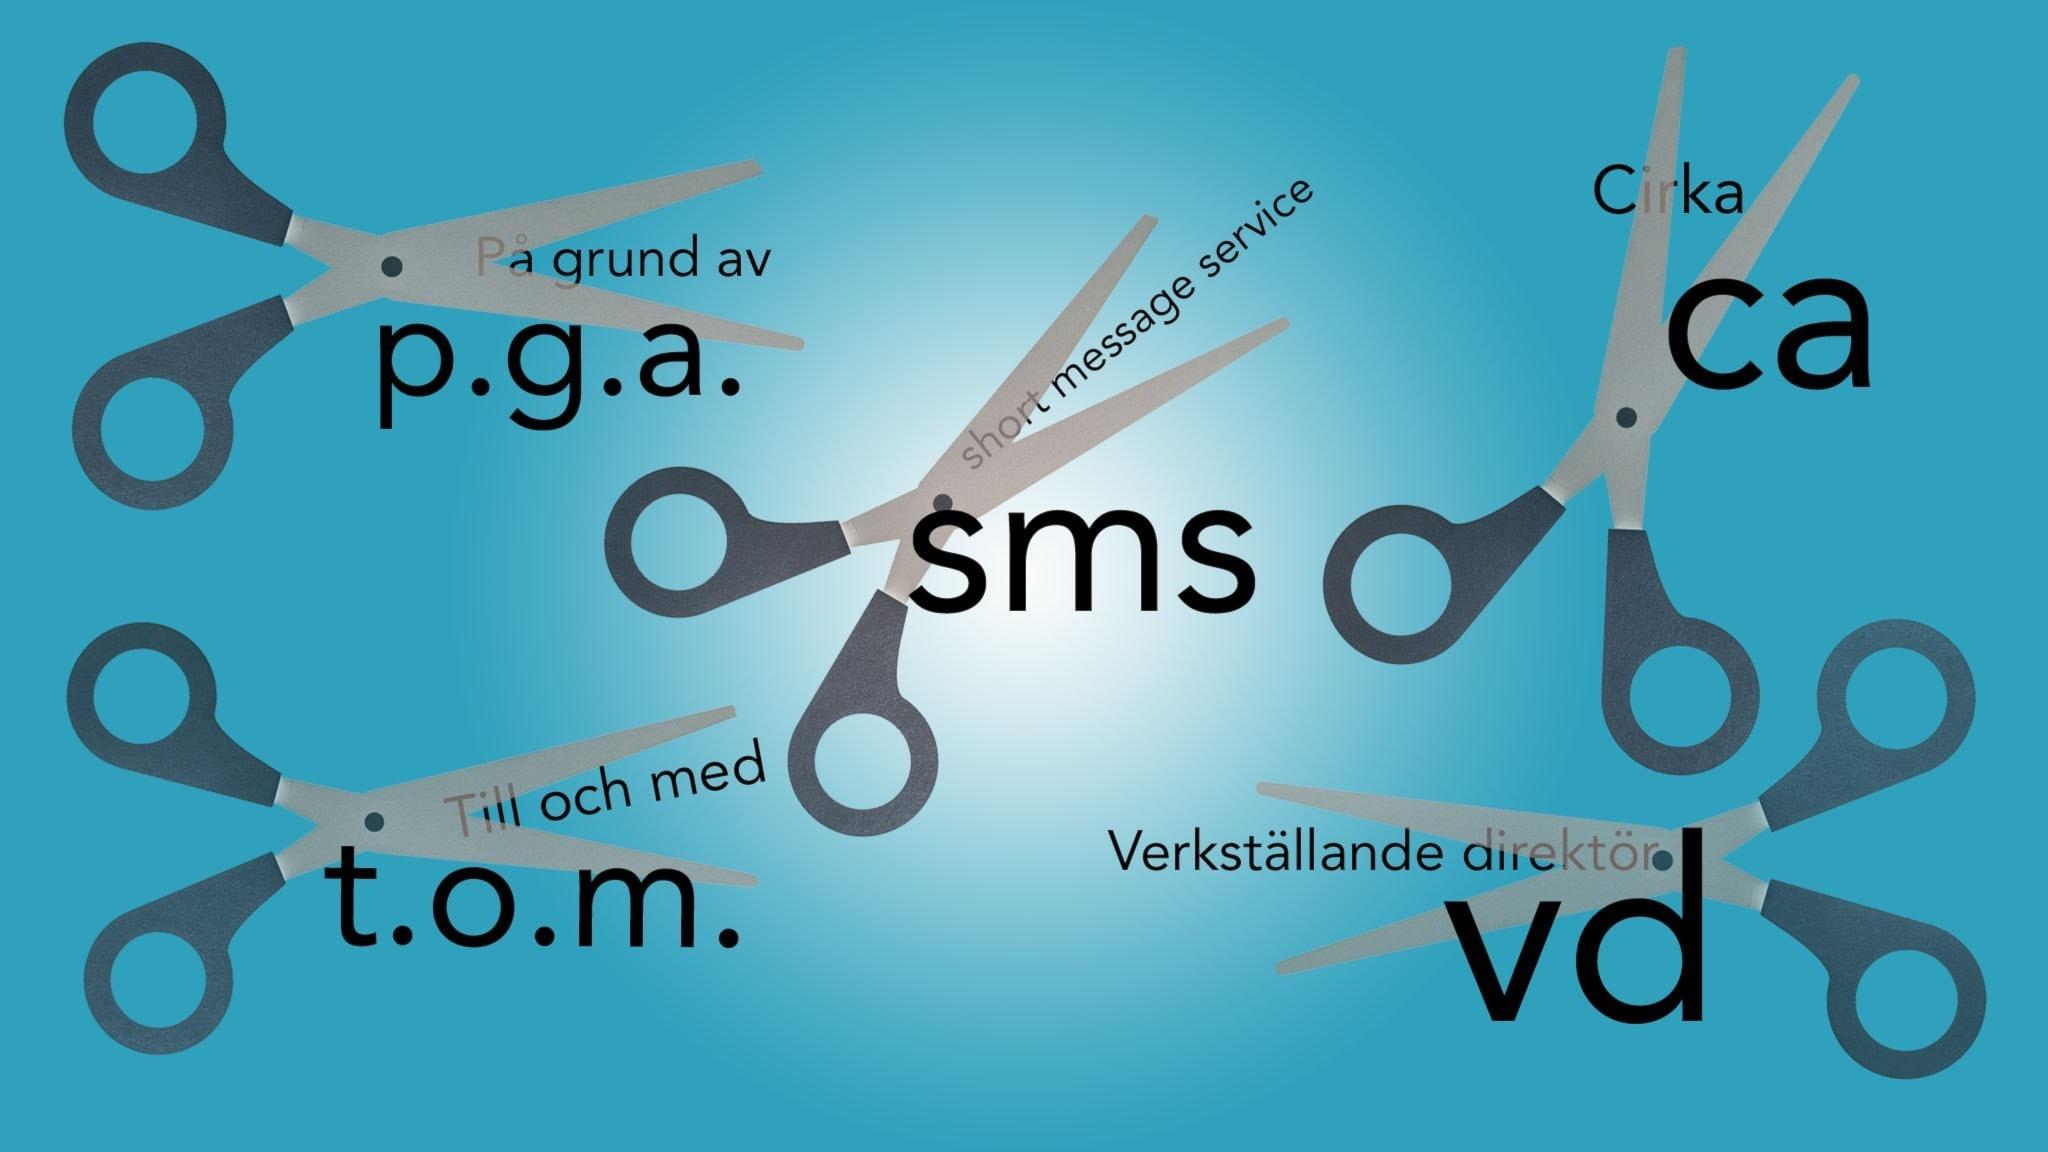 Saxar som klipper av orden på grund av, short message service, cirka, till och med och verkställande direktör, till förkortningarna p.g.a., sms, ca, t.o.m. och vd.